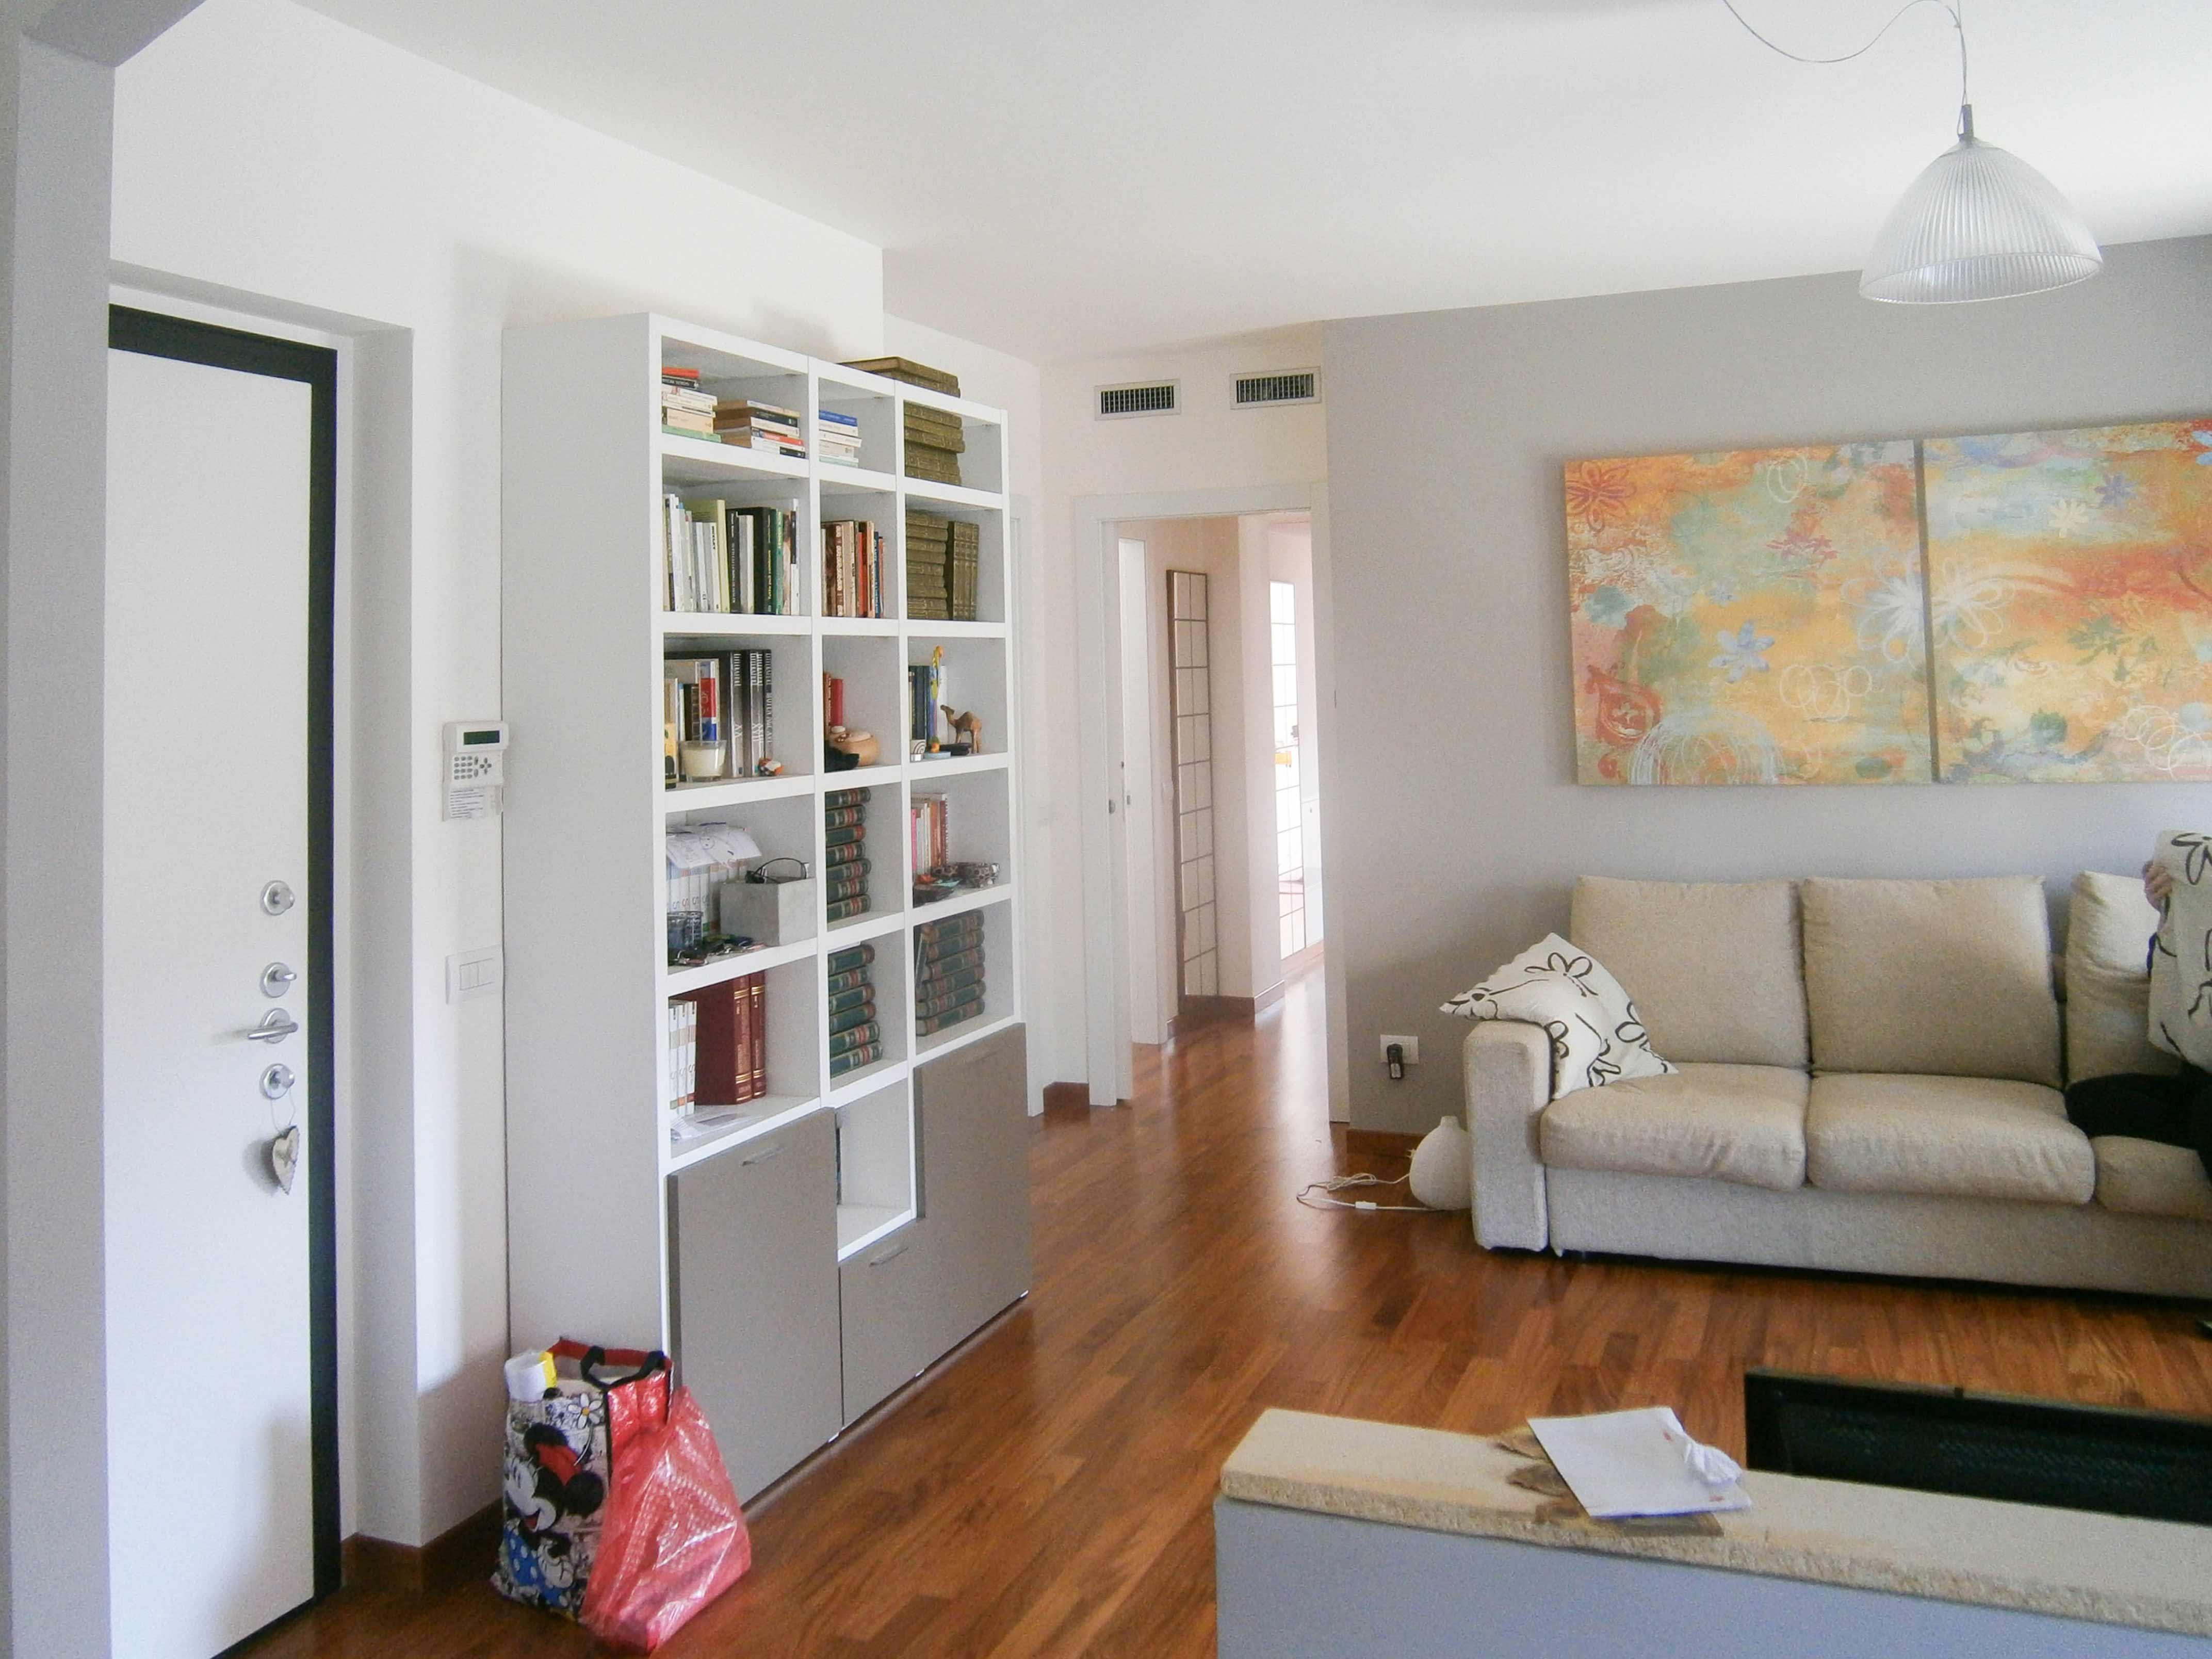 Cucina e soggiorno ad arco con muretto divisorio for Parete divisoria cucina soggiorno